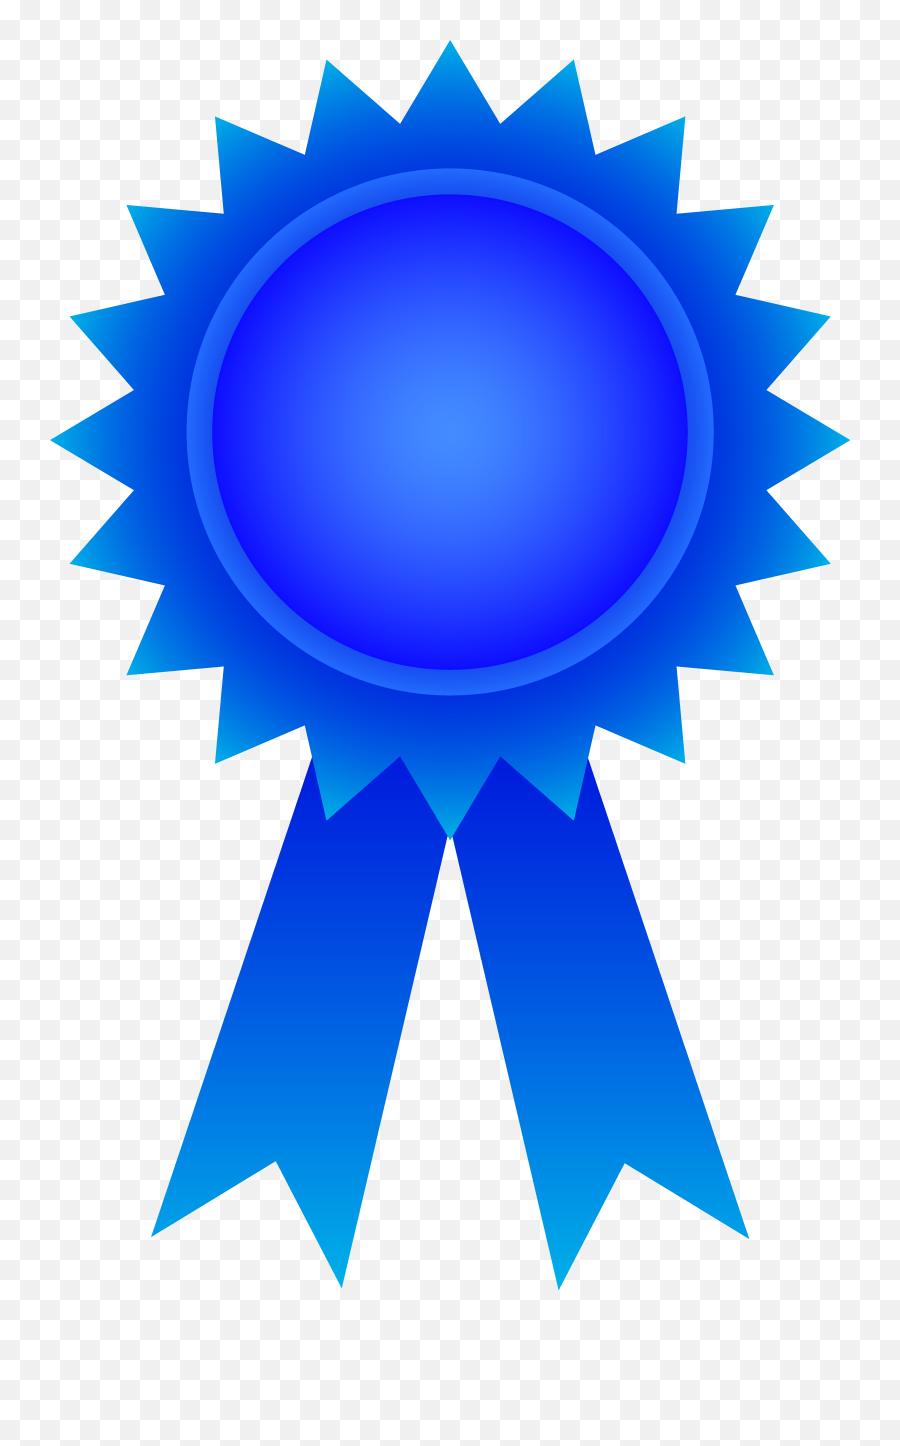 Blue Award Ribbon Png Clipart - Award Ribbon Png,Blue Ribbon Png